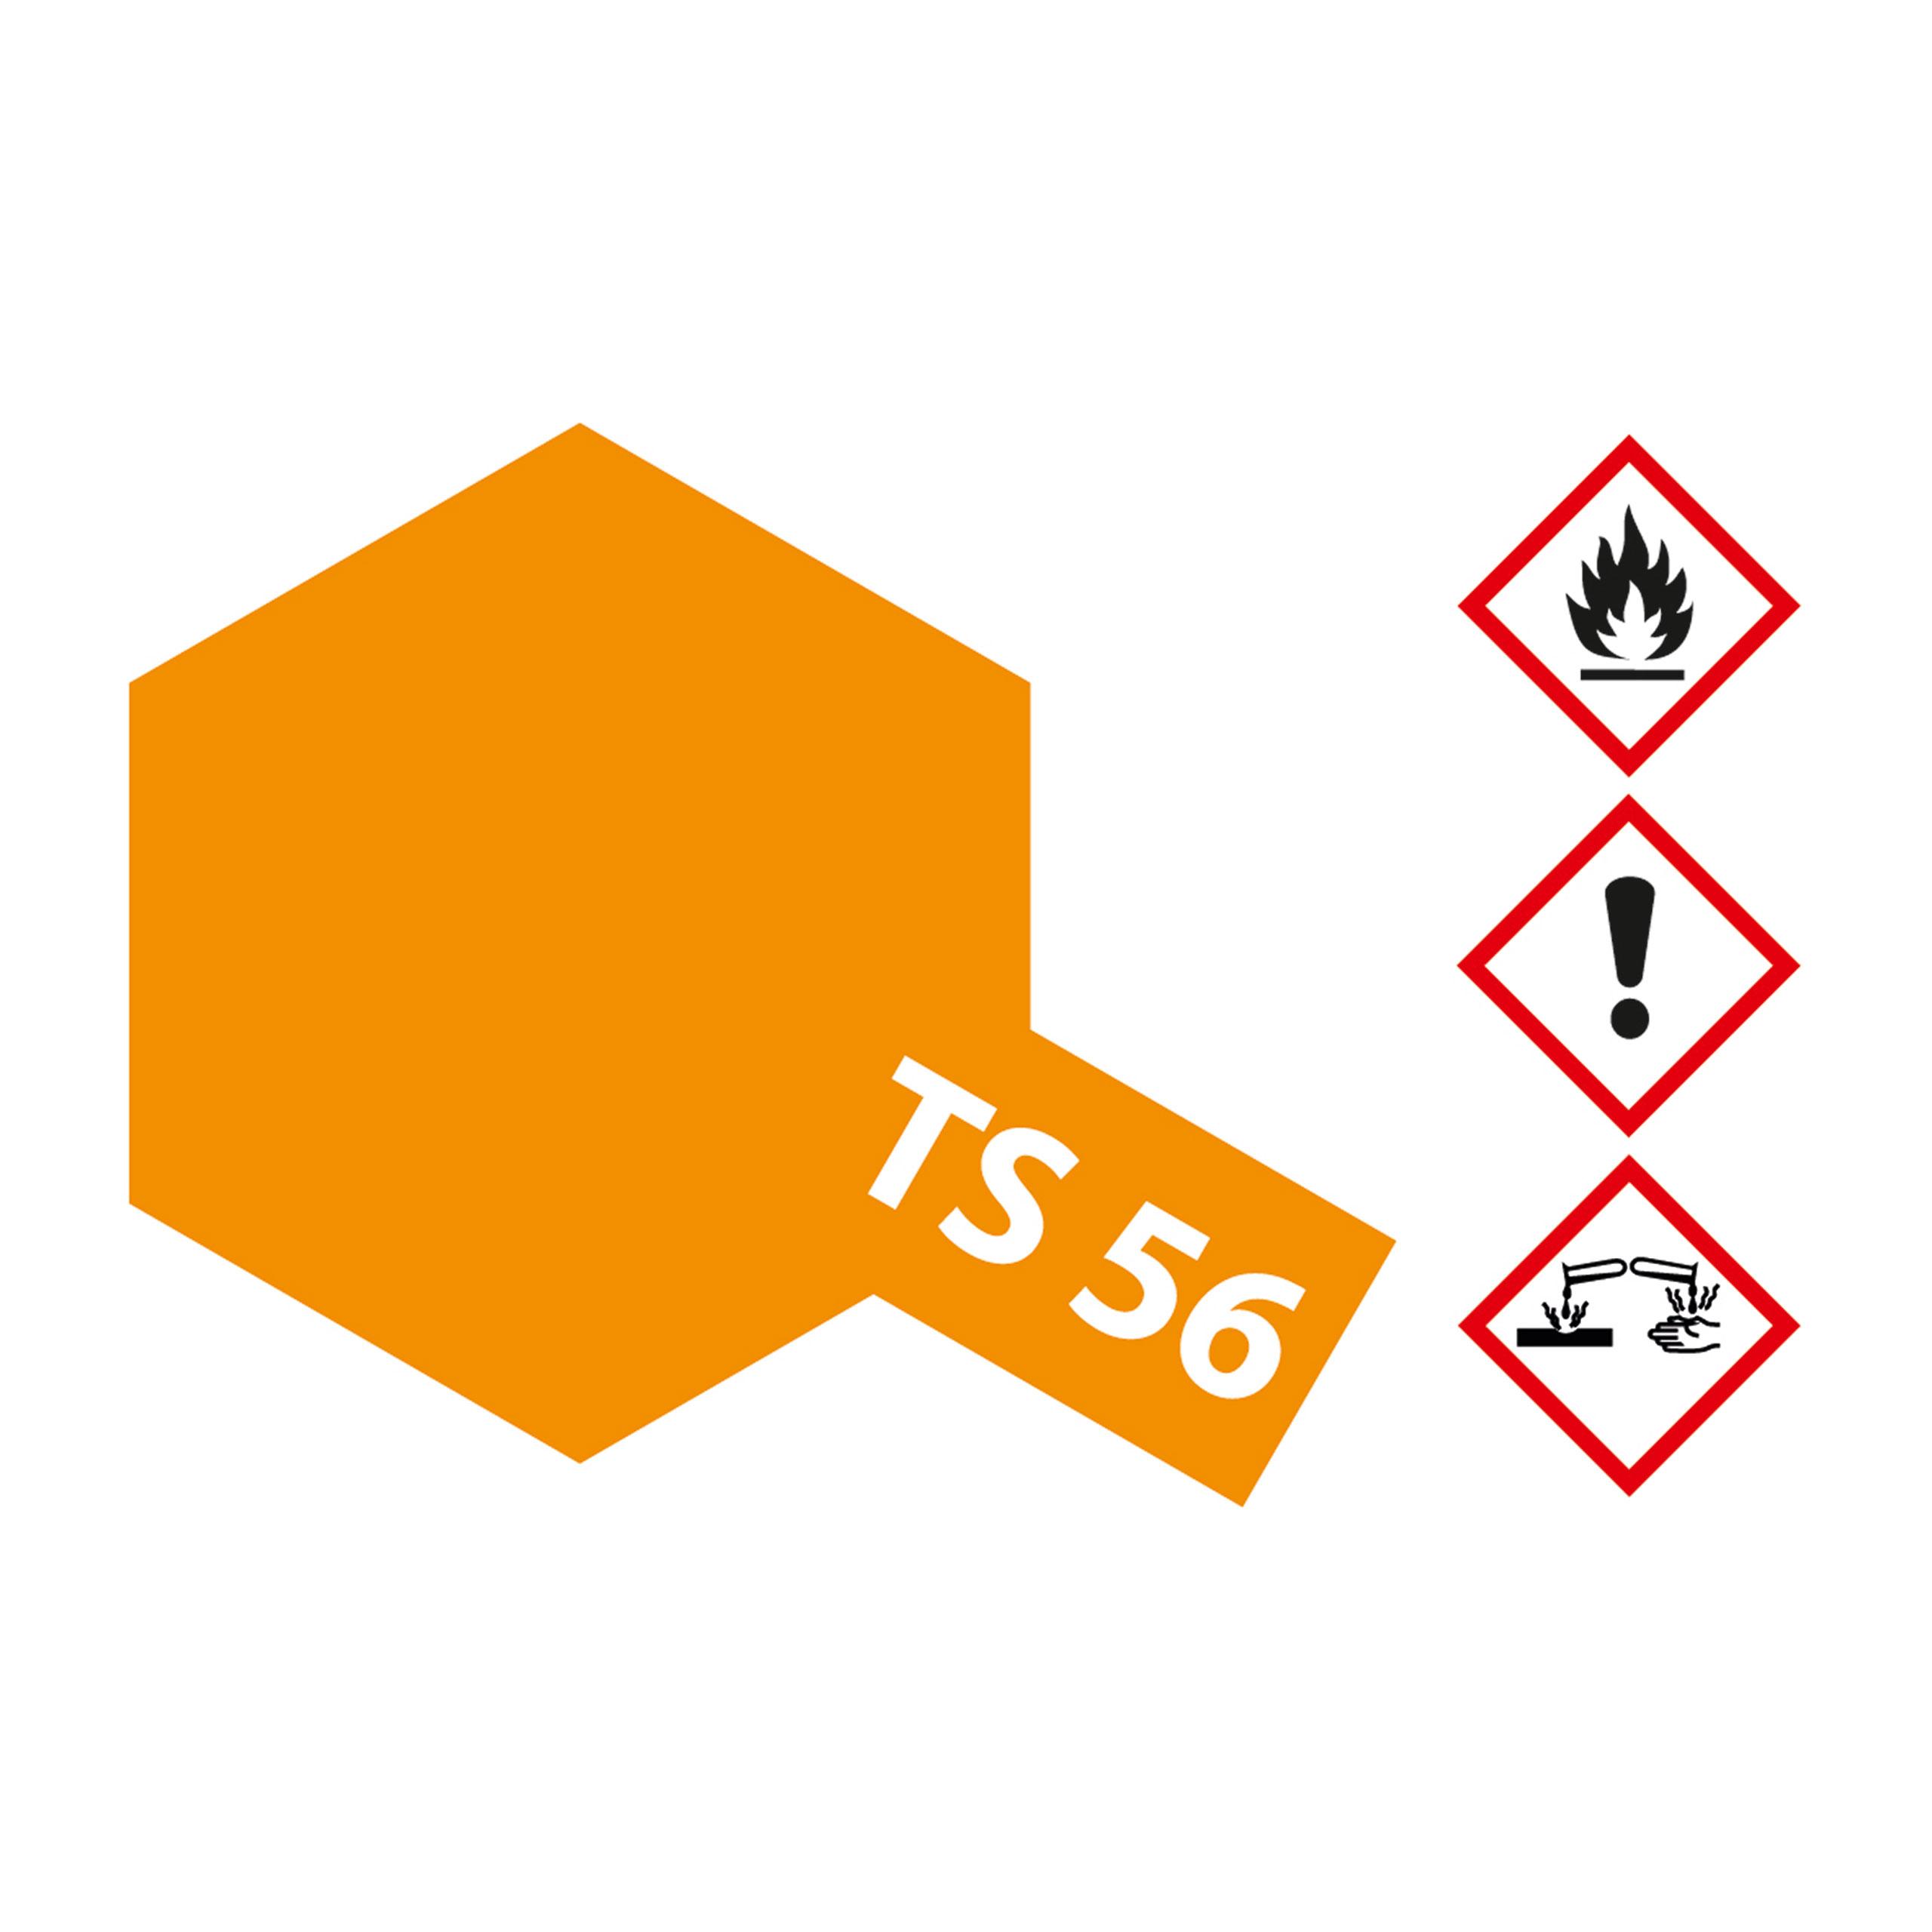 TS-56 Brillant Orange glaenzend - 100ml Sprayfarbe Kunstharz Tamiya 300085056